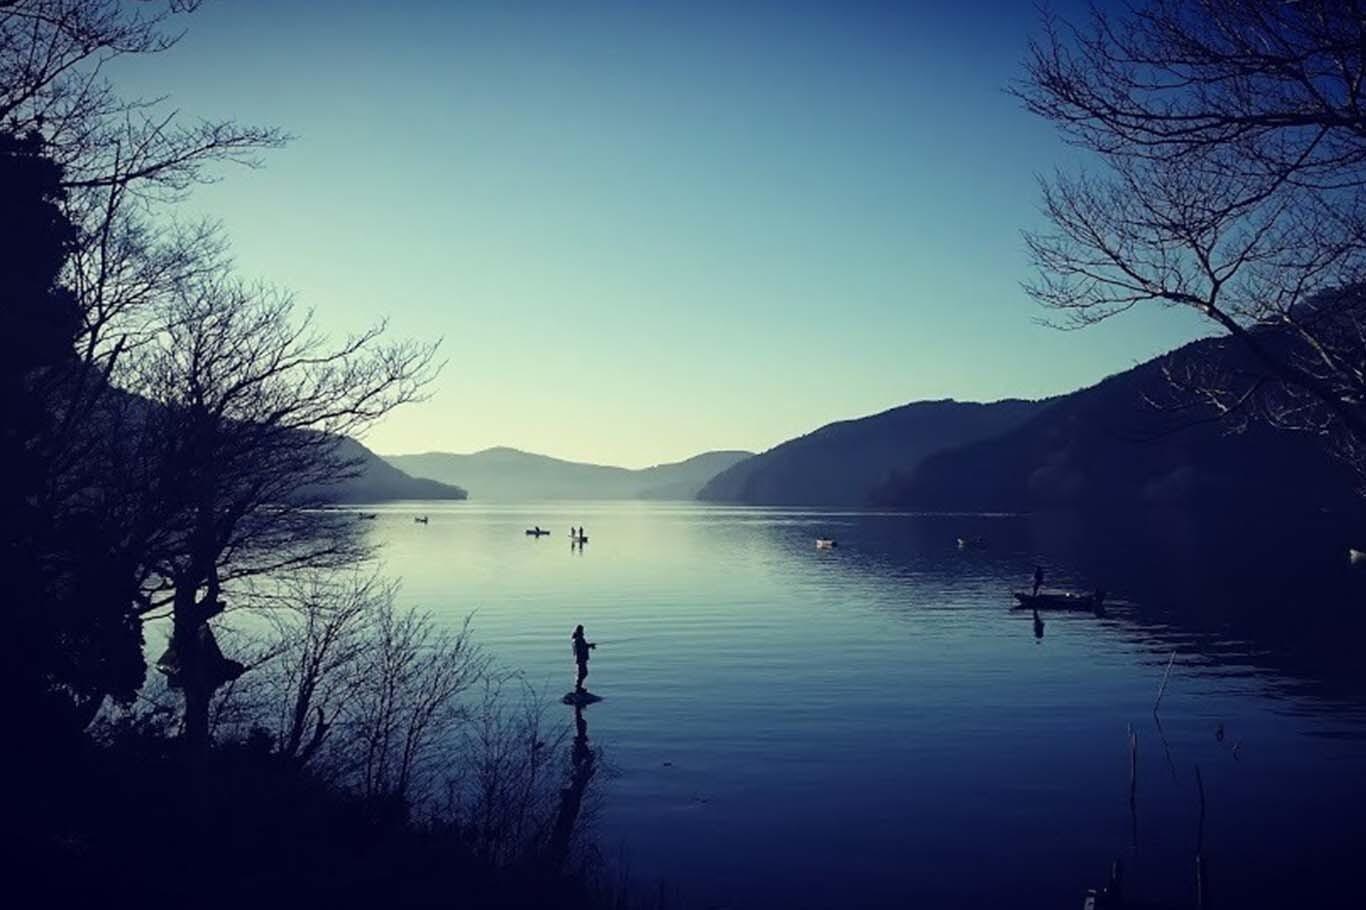 芦ノ湖キャンプ村 レイクサイドヴィラ の公式写真c16711